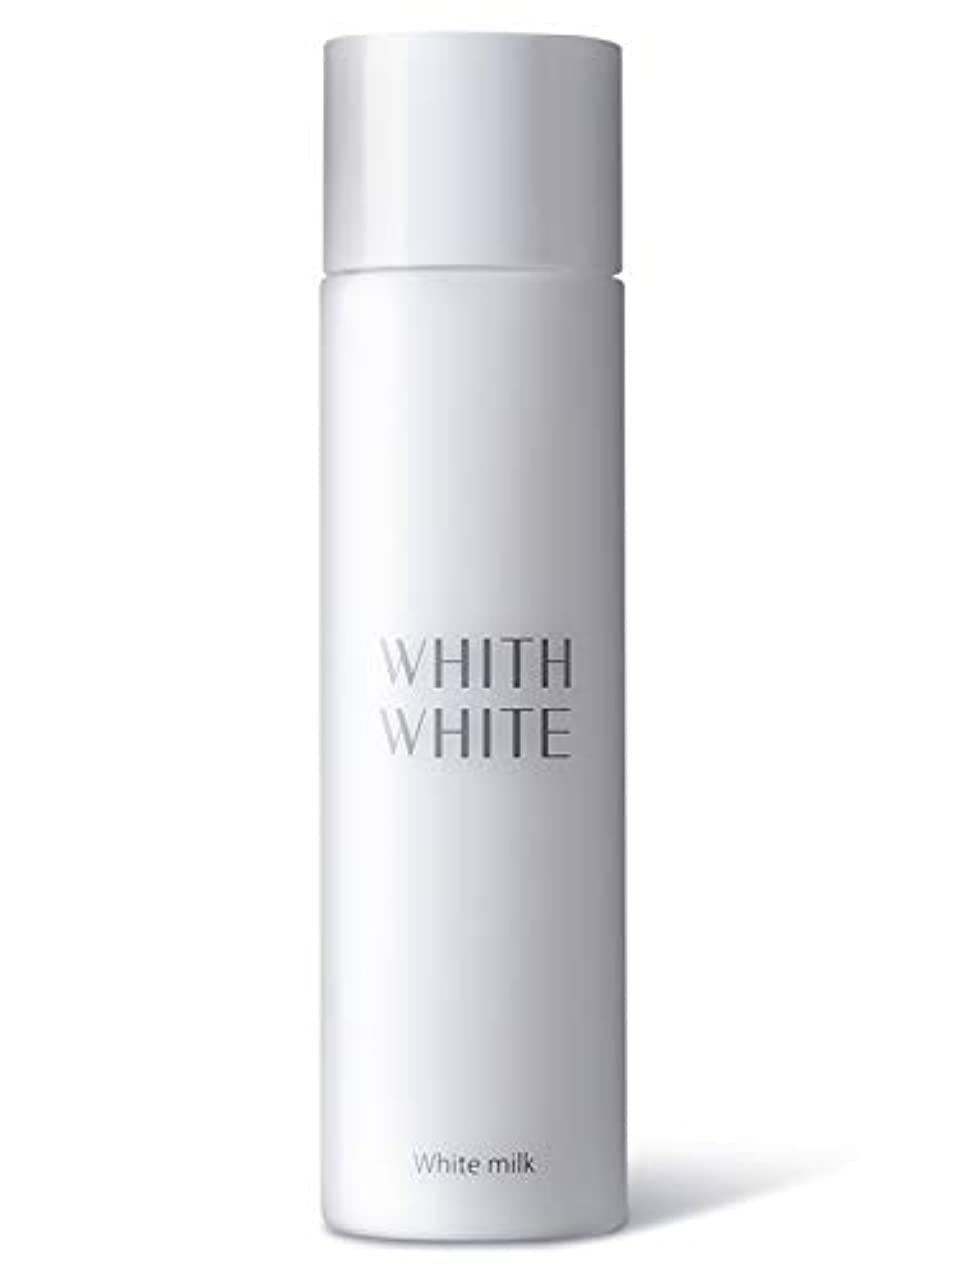 真鍮試してみるくま乳液 医薬部外品 フィス 美白 「 しみ くすみ を ケア 予防 」「プラセンタ + コラーゲン 配合 」150ml